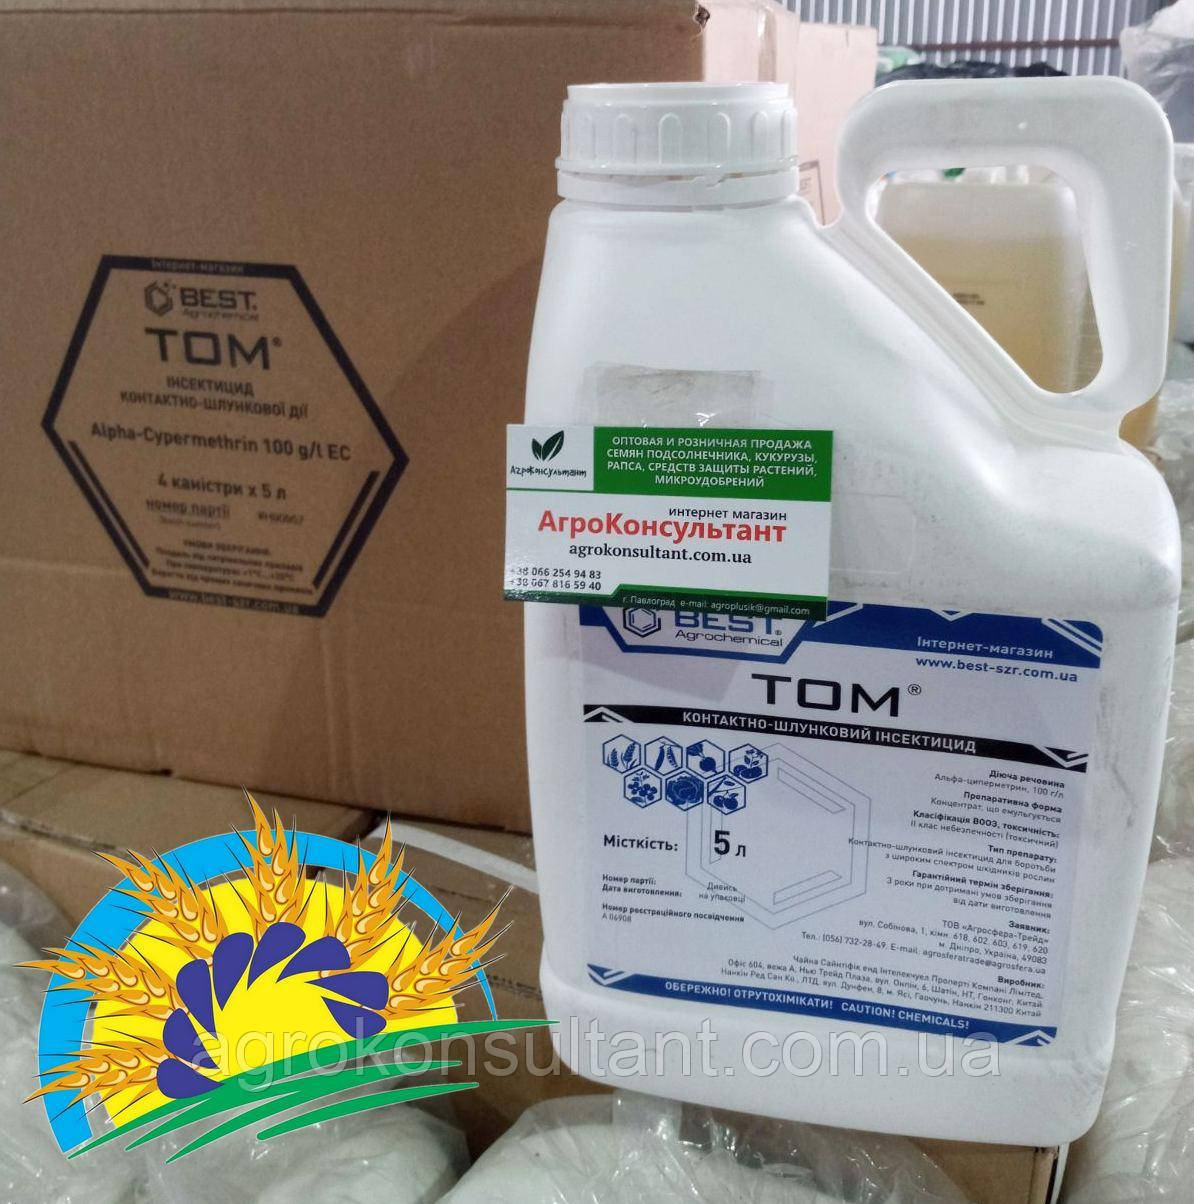 Тому, 5л (аналог Фастака) - КОНТАКТНО-КИШКОВИЙ інсектицид (альфа-циперметрин 100 г/л). БЕСТ